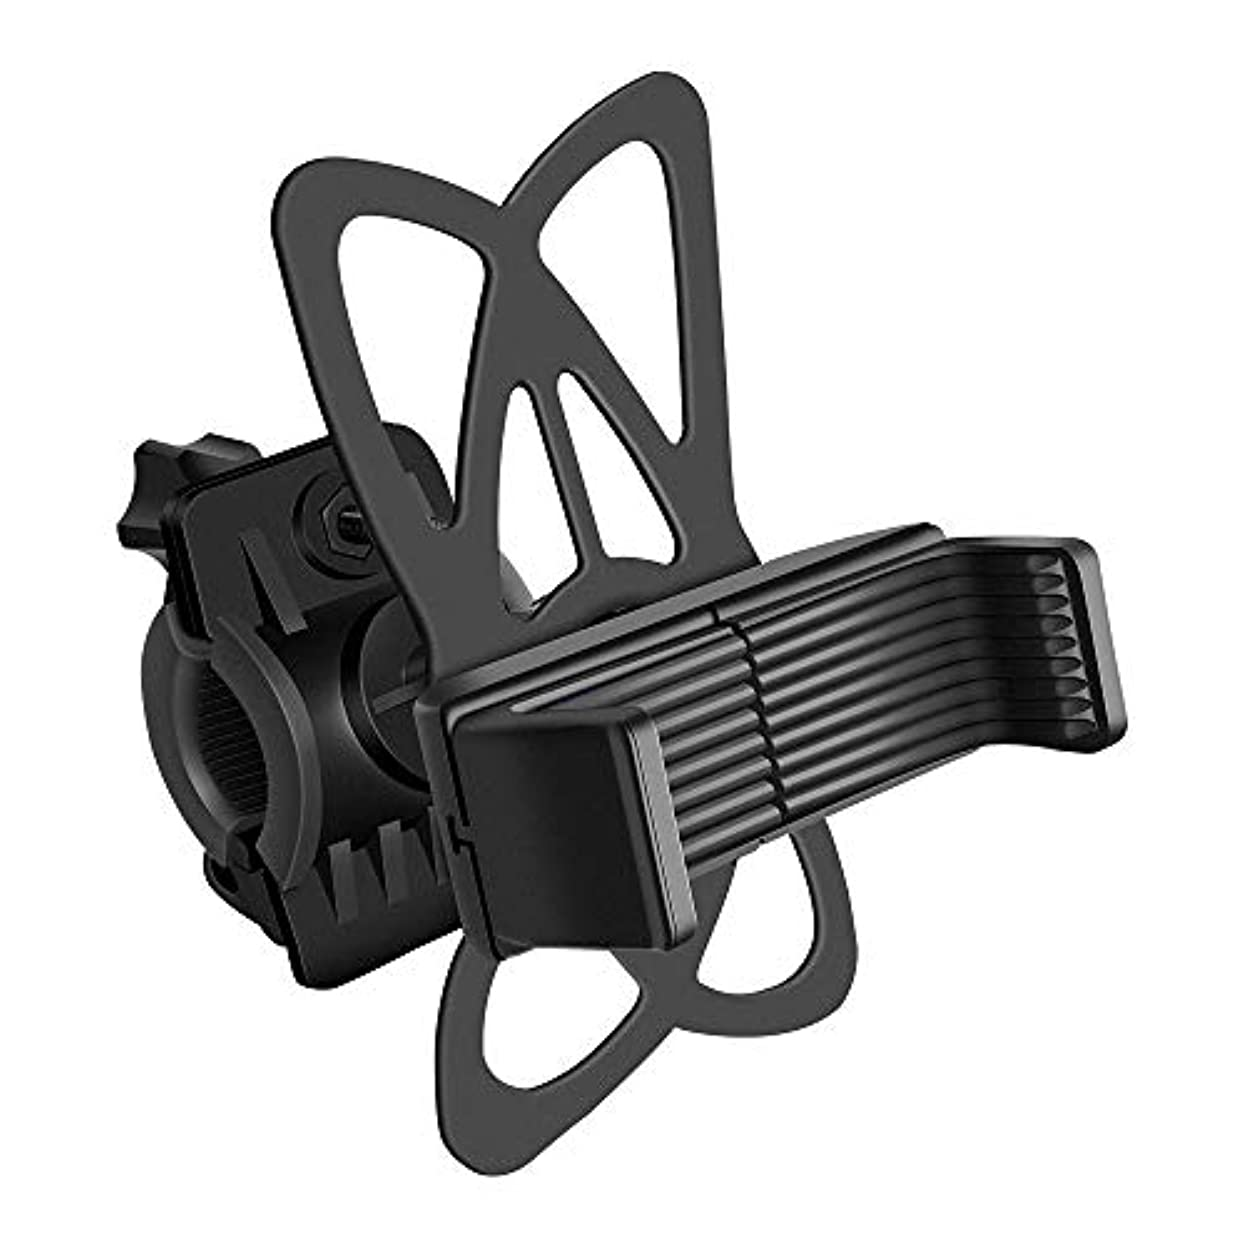 音雪のむしろ自転車 スマホホルダー オートバイ バイク スマートフォン振れ止め GPSナビ 携帯 固定用 スタンド iphone7 /8 /X/XR/XS/XS Max、Galaxys、xperiaなど多機種対応 角度調節可能 360度回転 脱落防止 脱着簡単 二重強力保護